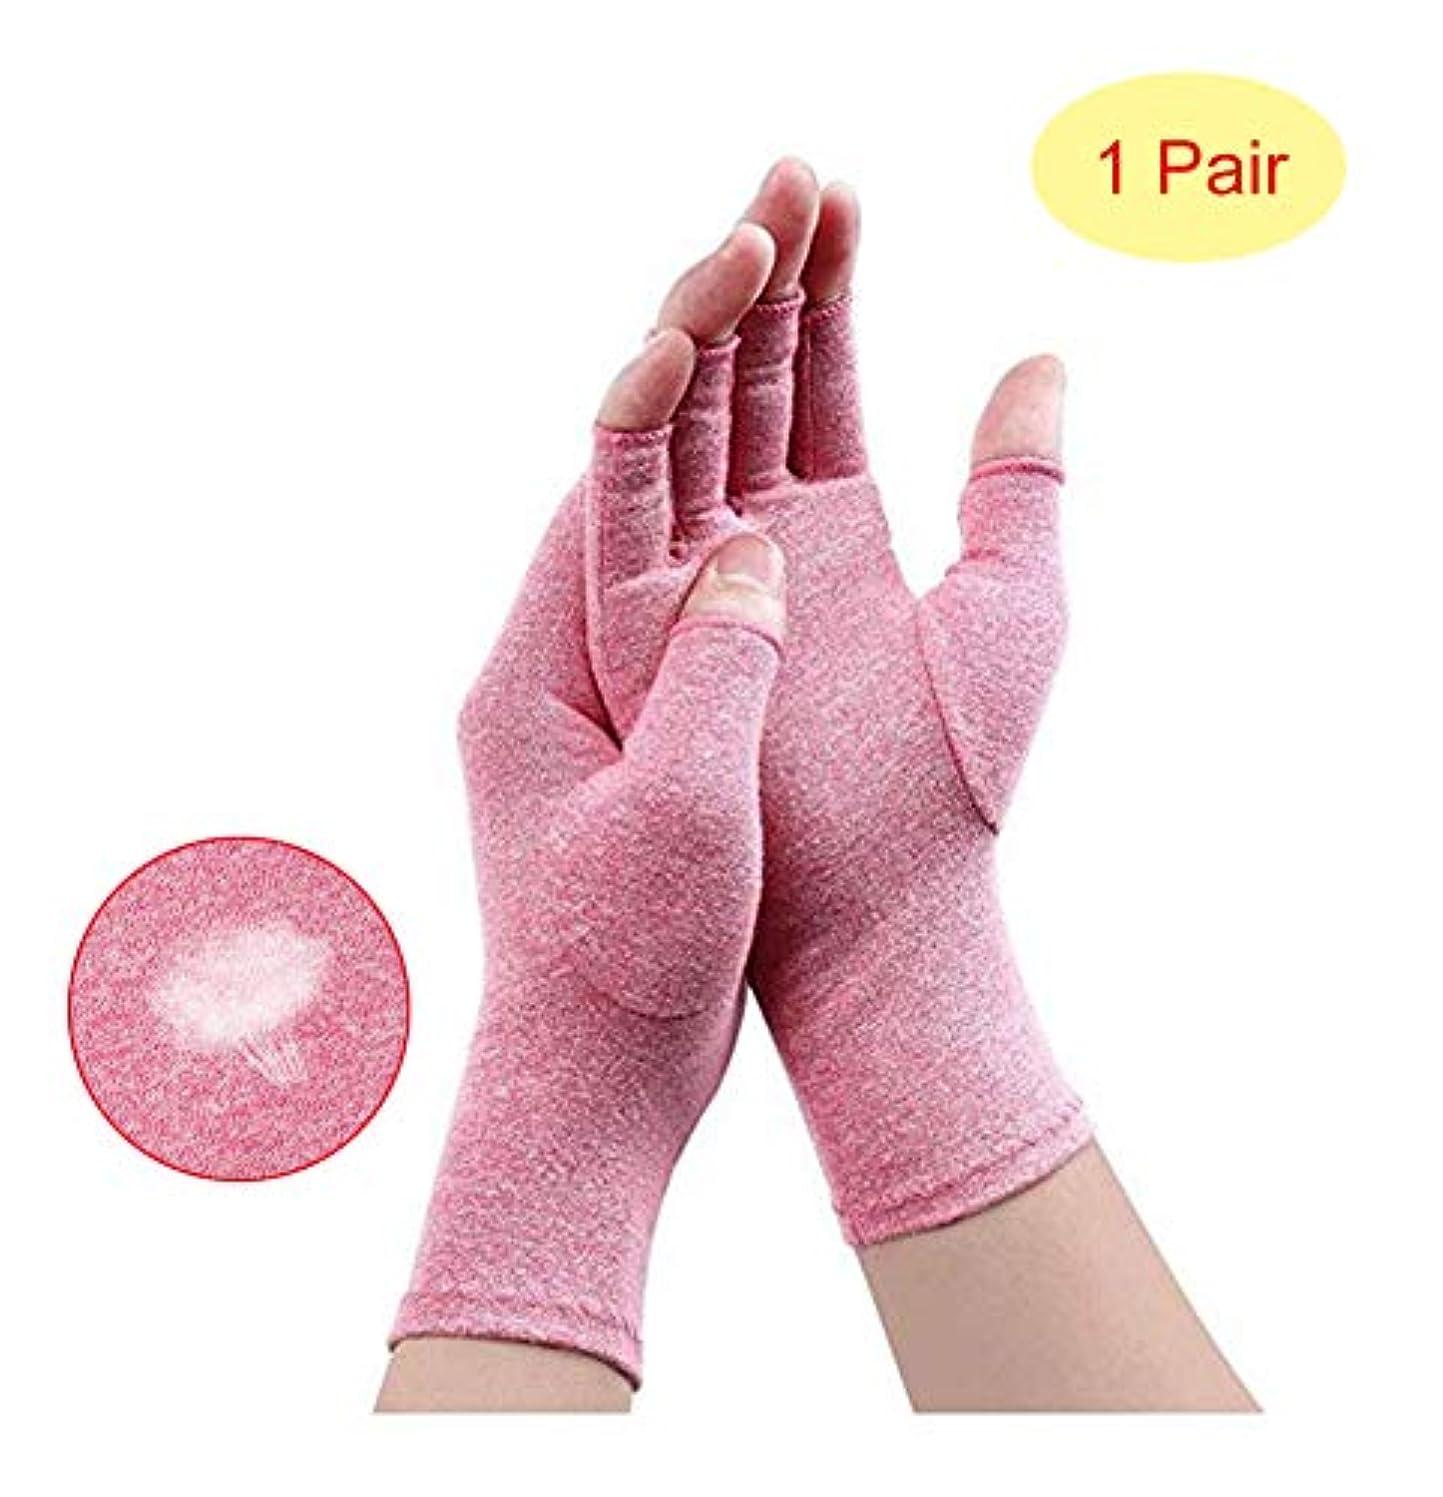 非常に仕出します紀元前関節炎手袋、ピンクの通気性、手と関節用の抗関節炎健康療法用圧縮手袋、痛みの軽減、毎日の仕事,1Pair,M